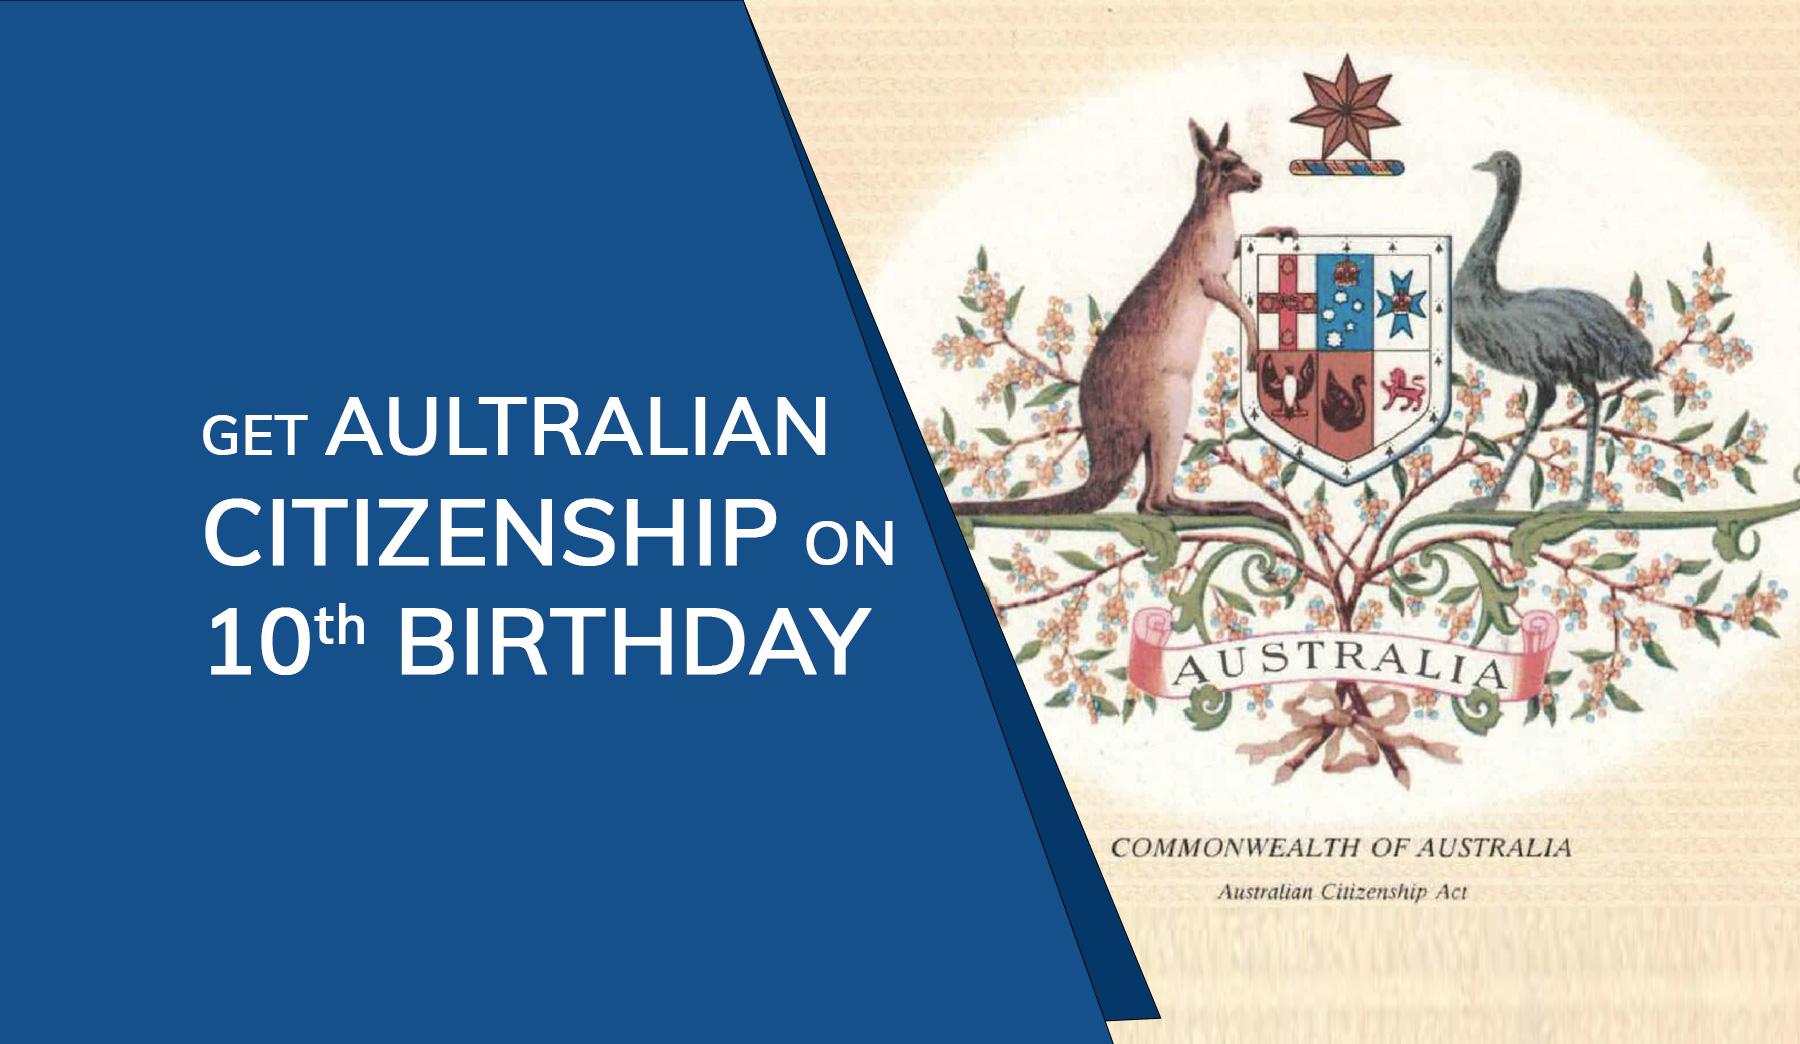 Acquire Australian Citizenship on 10th Birthday in Australia